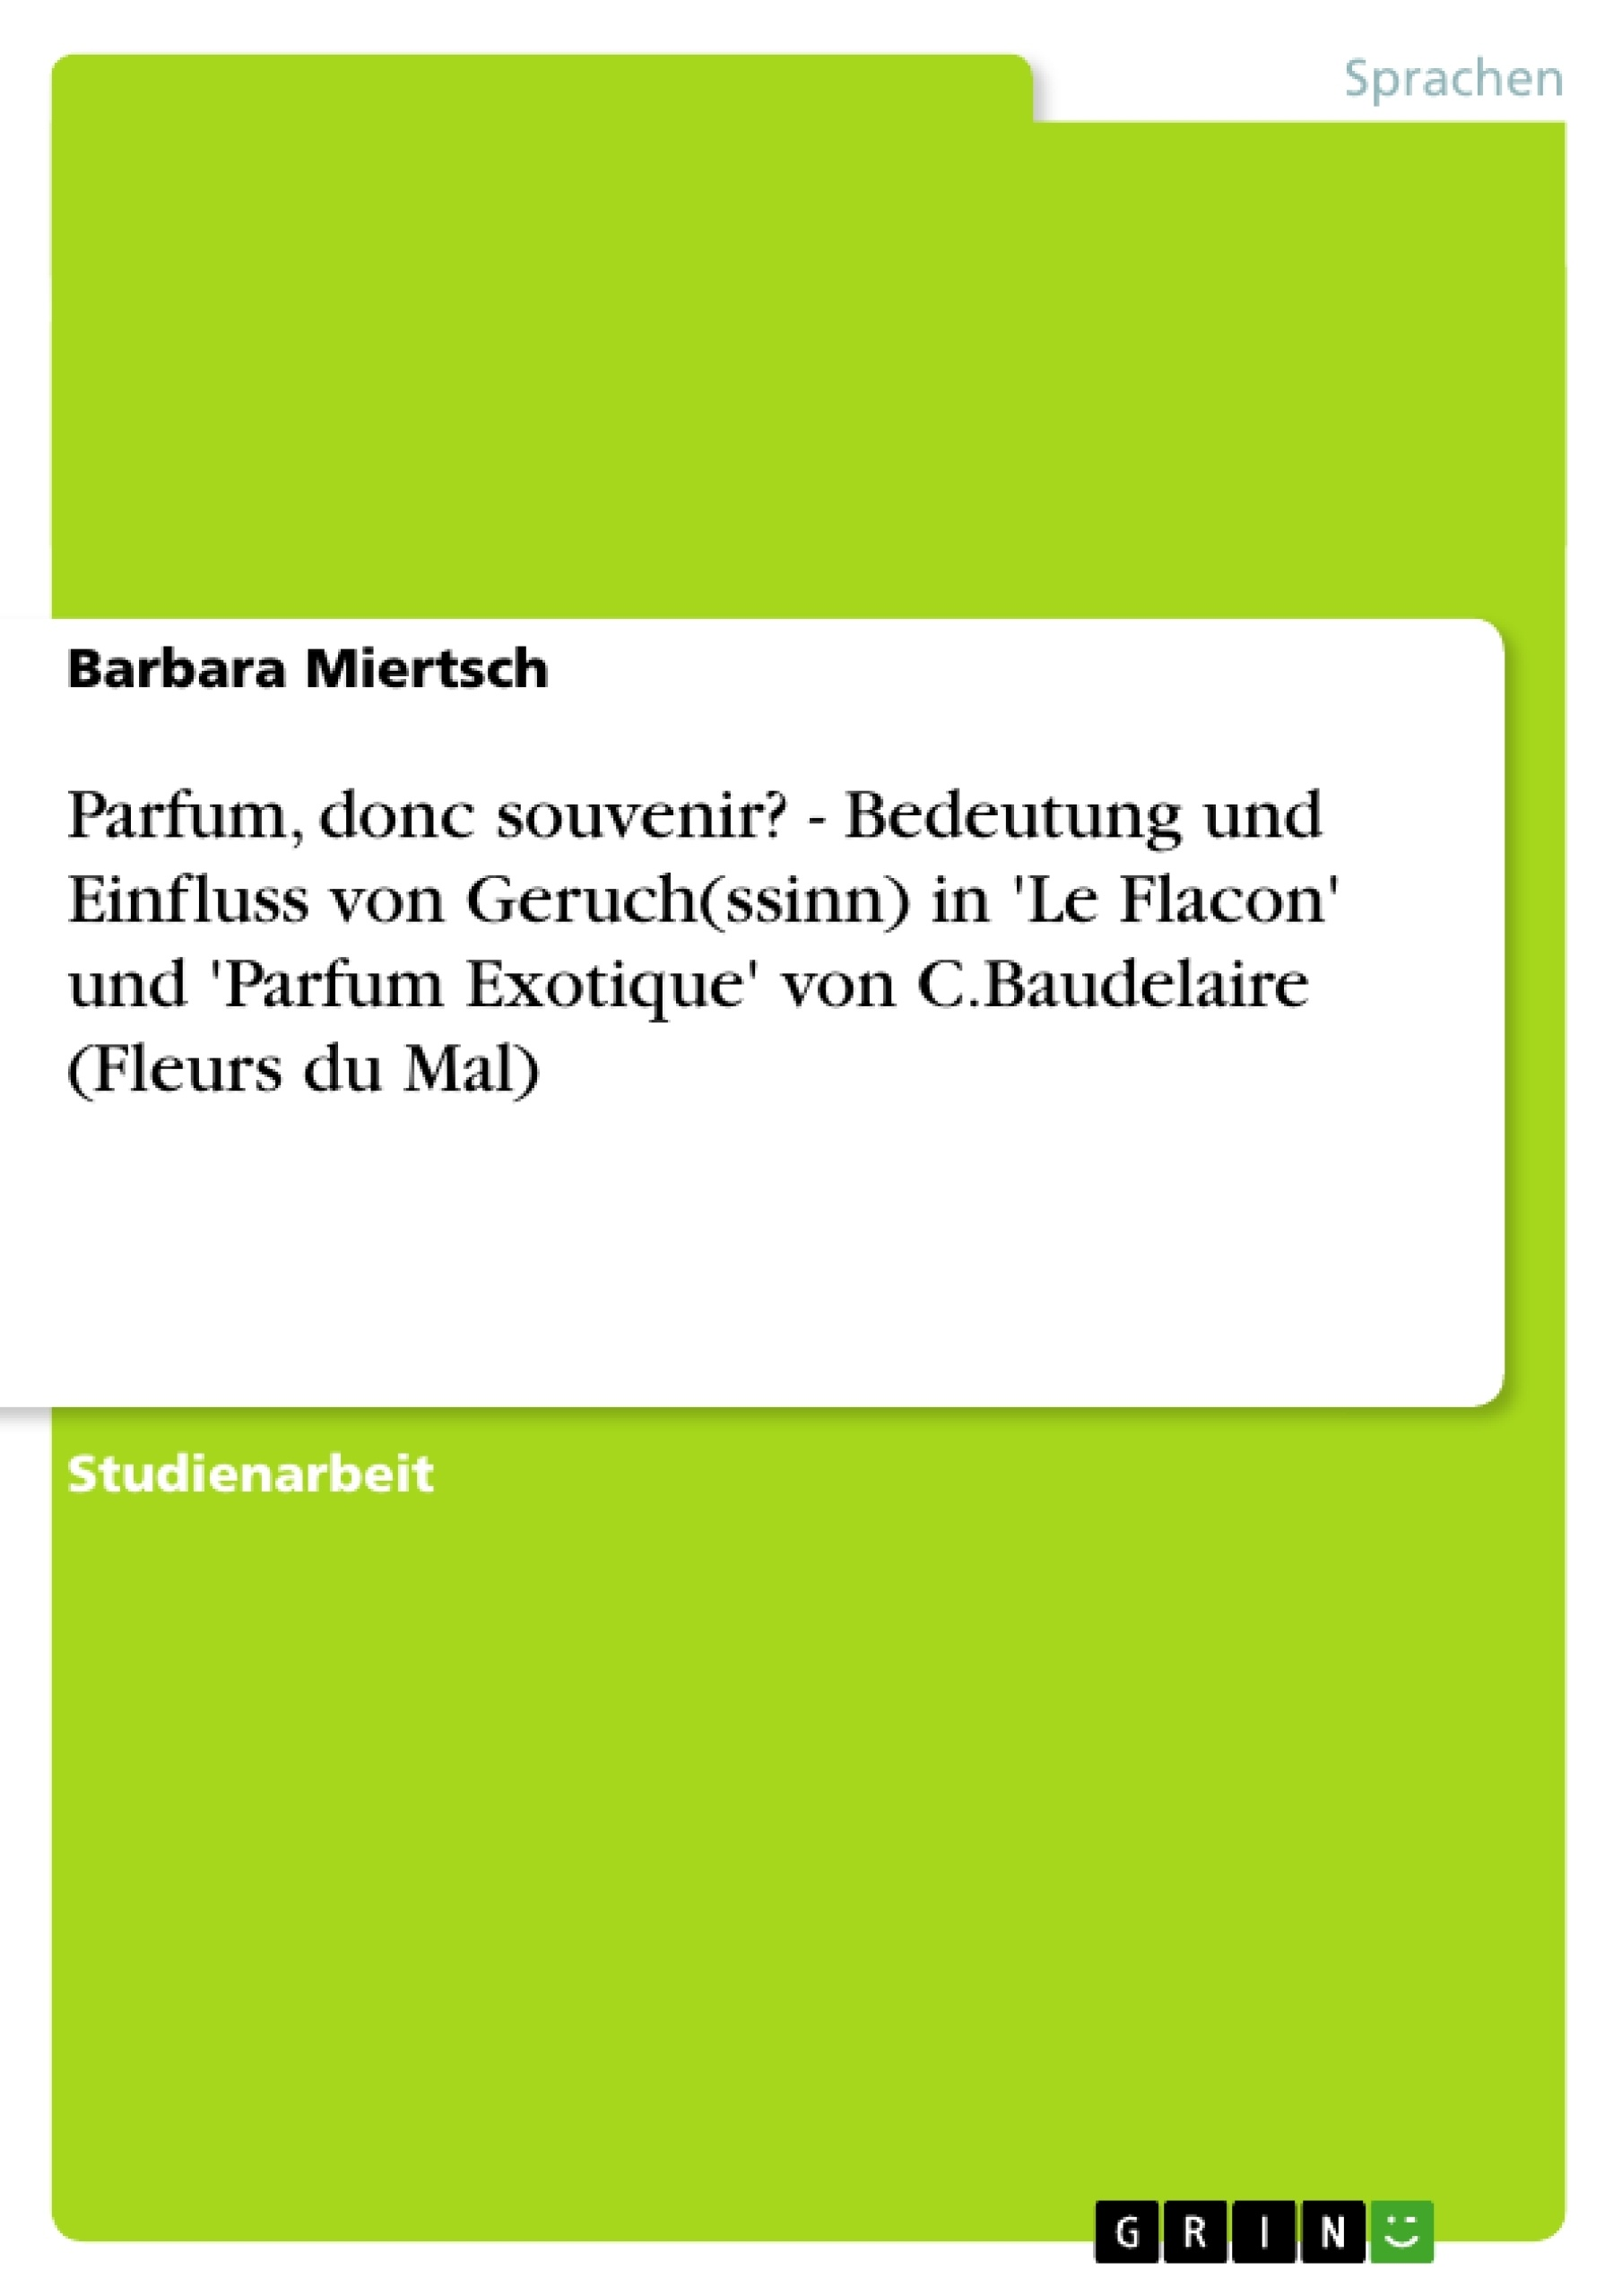 Titel: Parfum, donc souvenir? - Bedeutung und Einfluss von Geruch(ssinn) in 'Le Flacon' und 'Parfum Exotique' von C.Baudelaire (Fleurs du Mal)